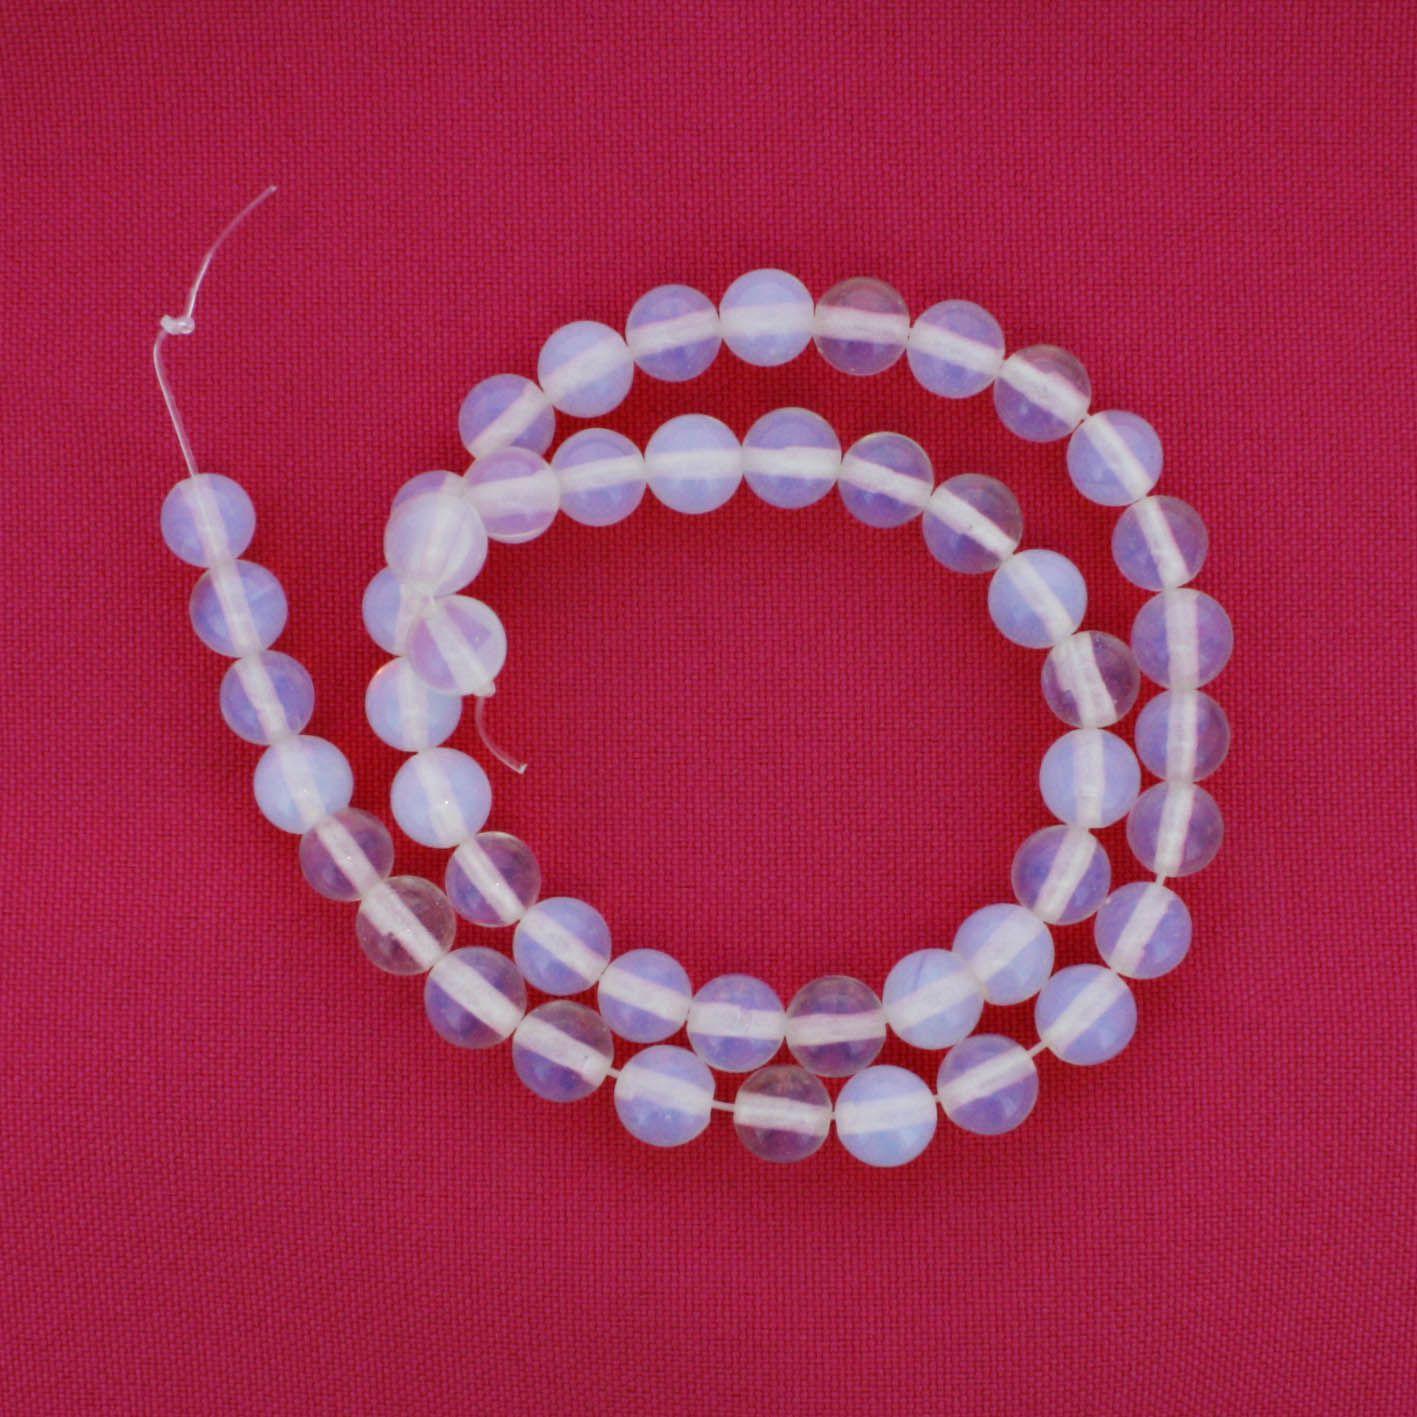 Fio de Pedra - Pedra da Lua - 8mm  - Stéphanie Bijoux® - Peças para Bijuterias e Artesanato